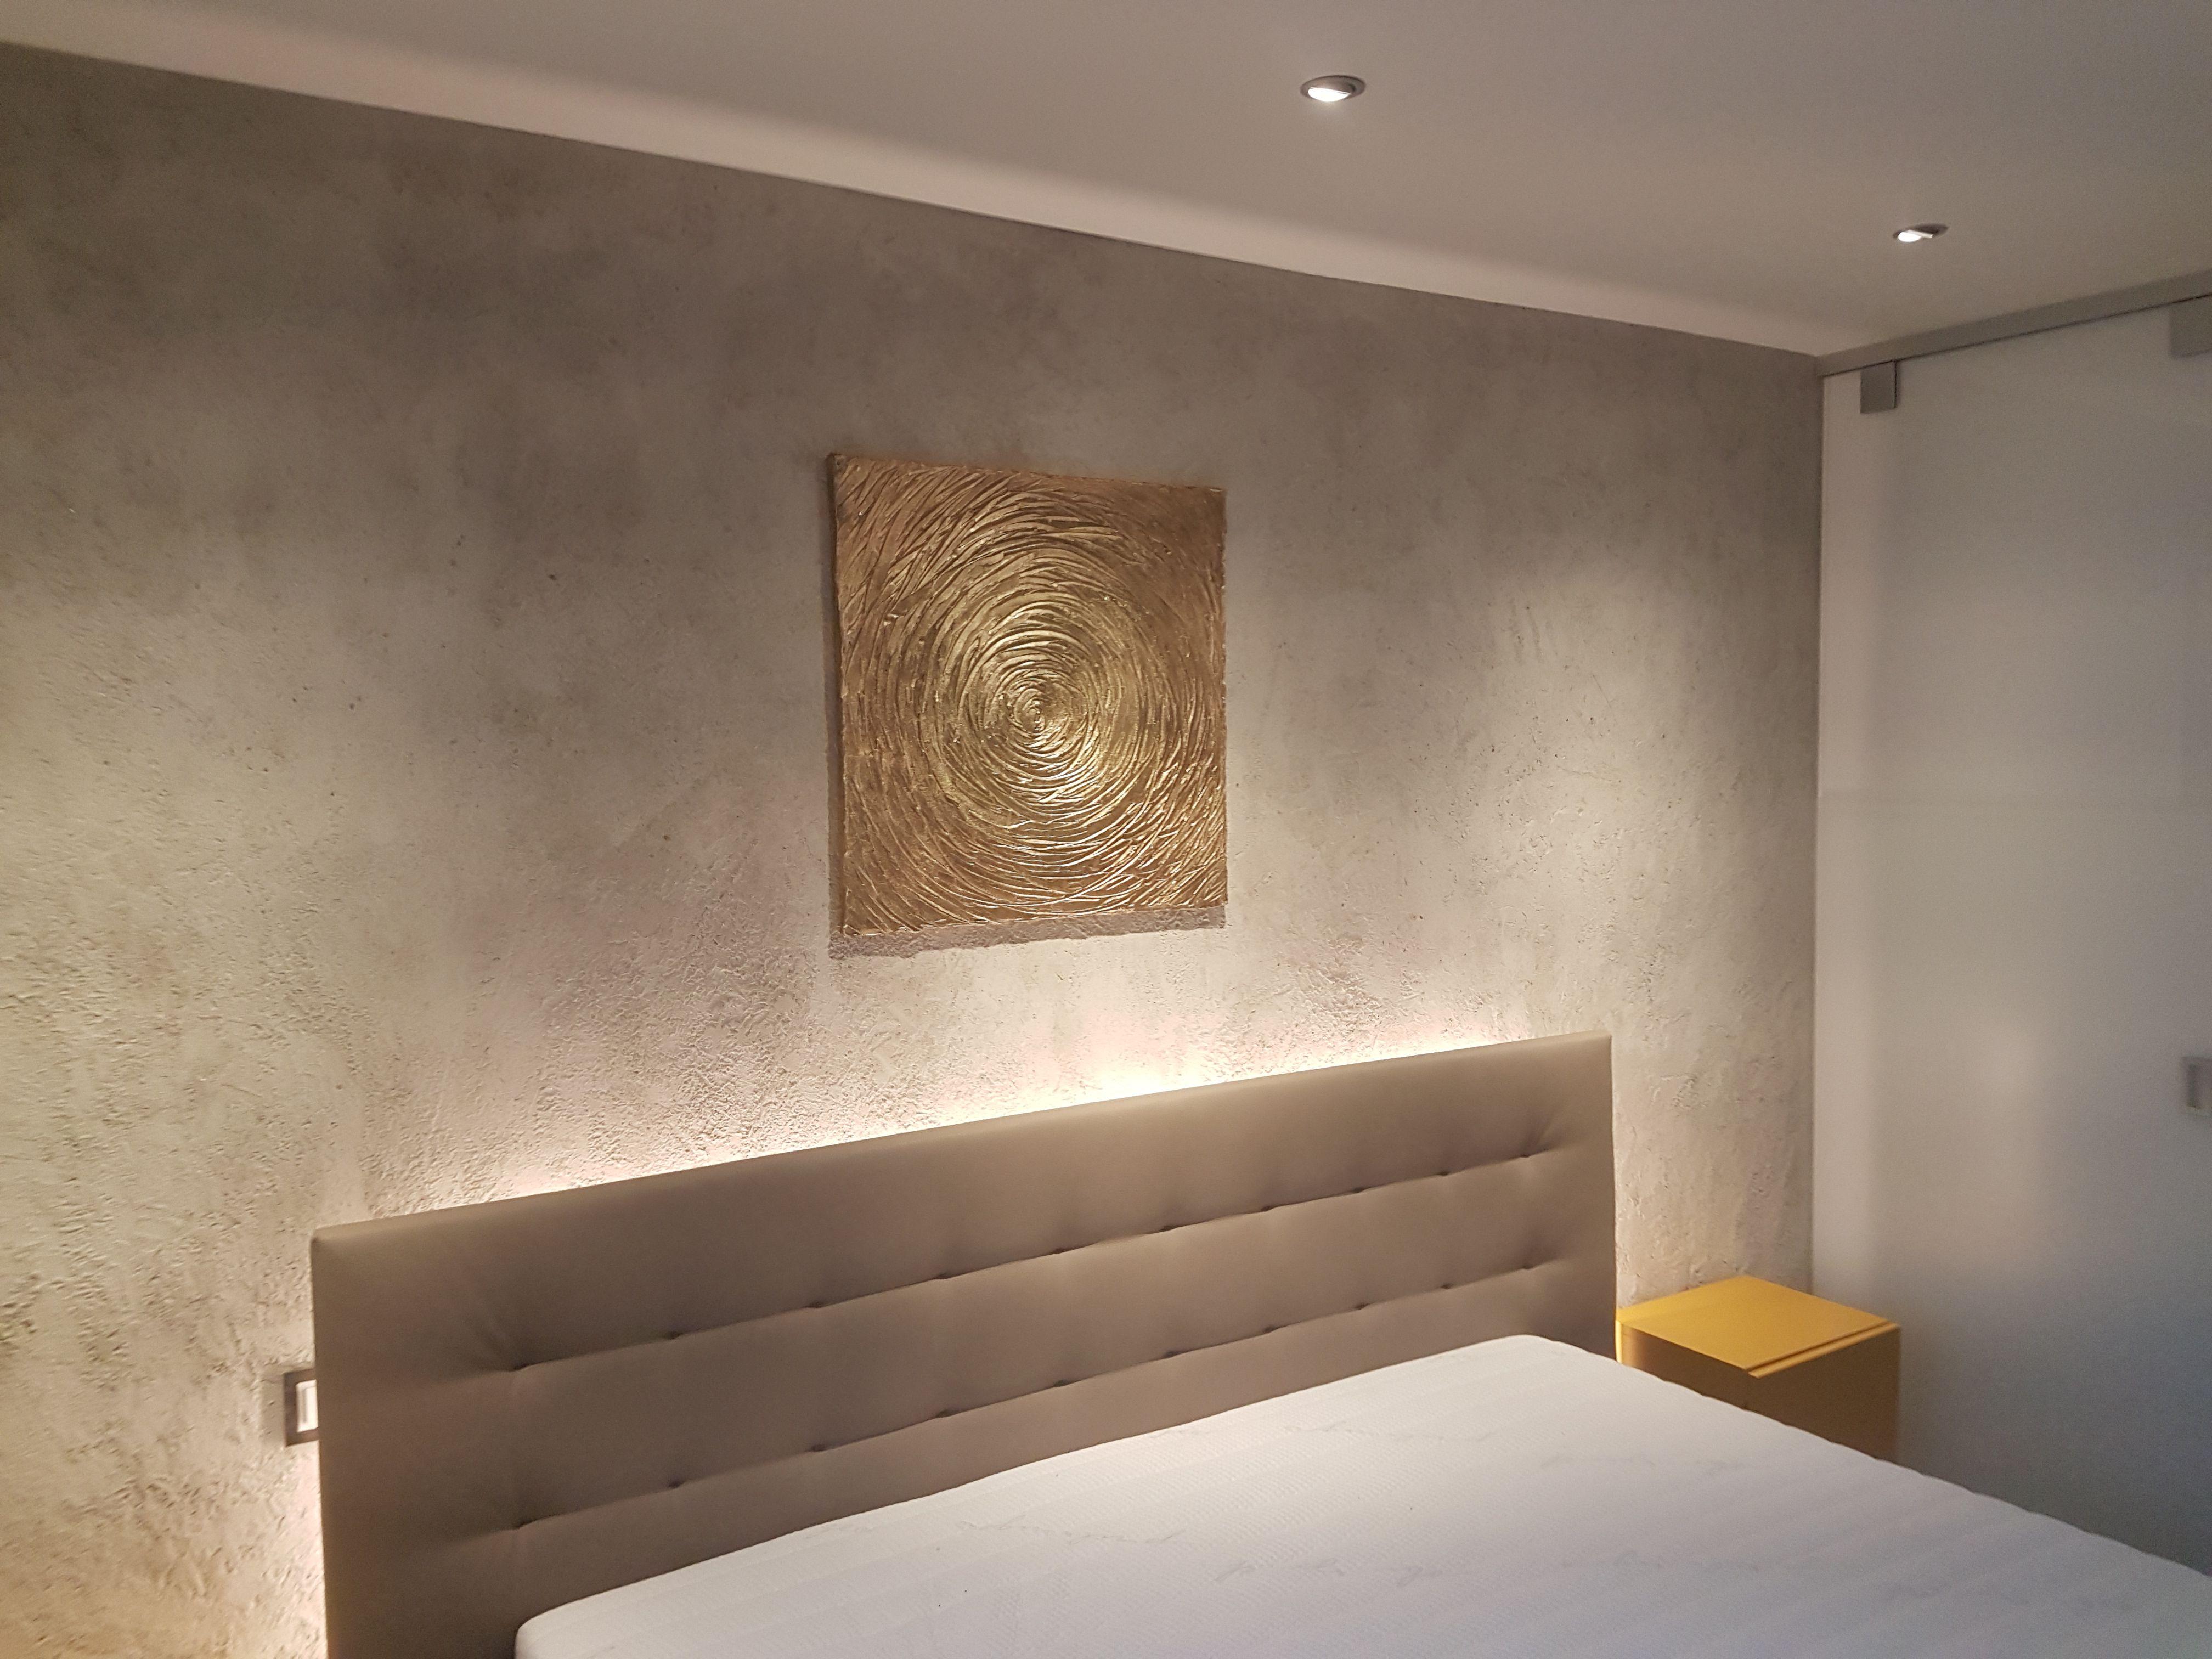 Wand Aus Terrastone Gespachtelt Wandbild Terrastone(Metall) Preis, Paint  For Walls, Wall